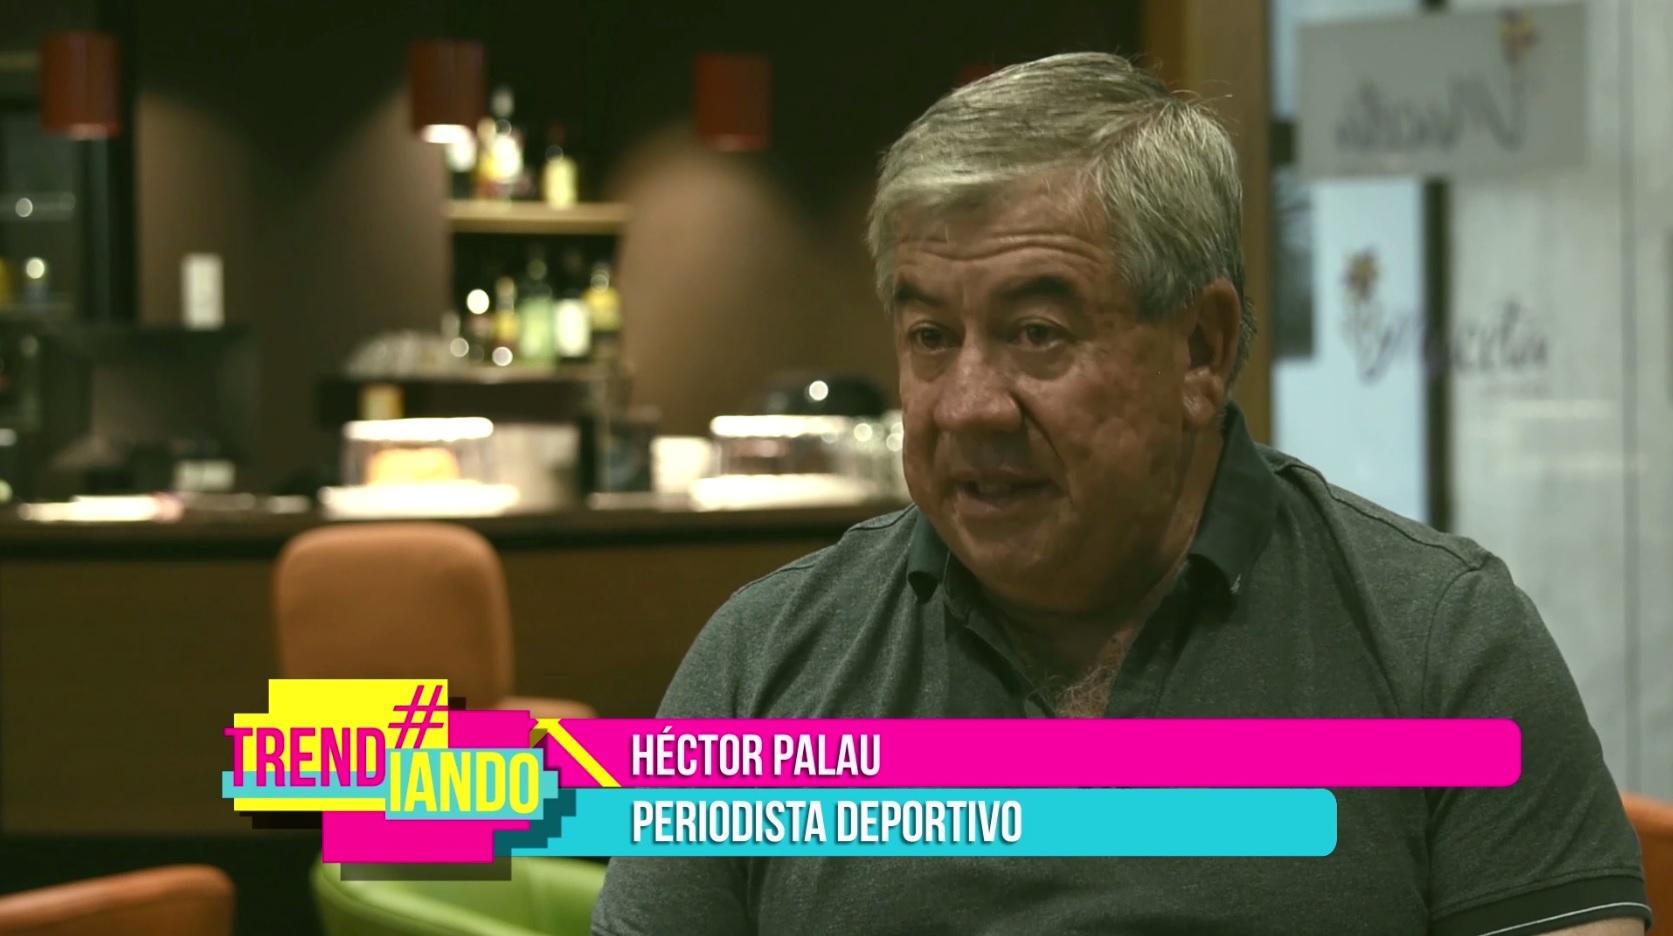 Héctor Palau le pedaleó desde niño al sueño de ser periodista deportivo